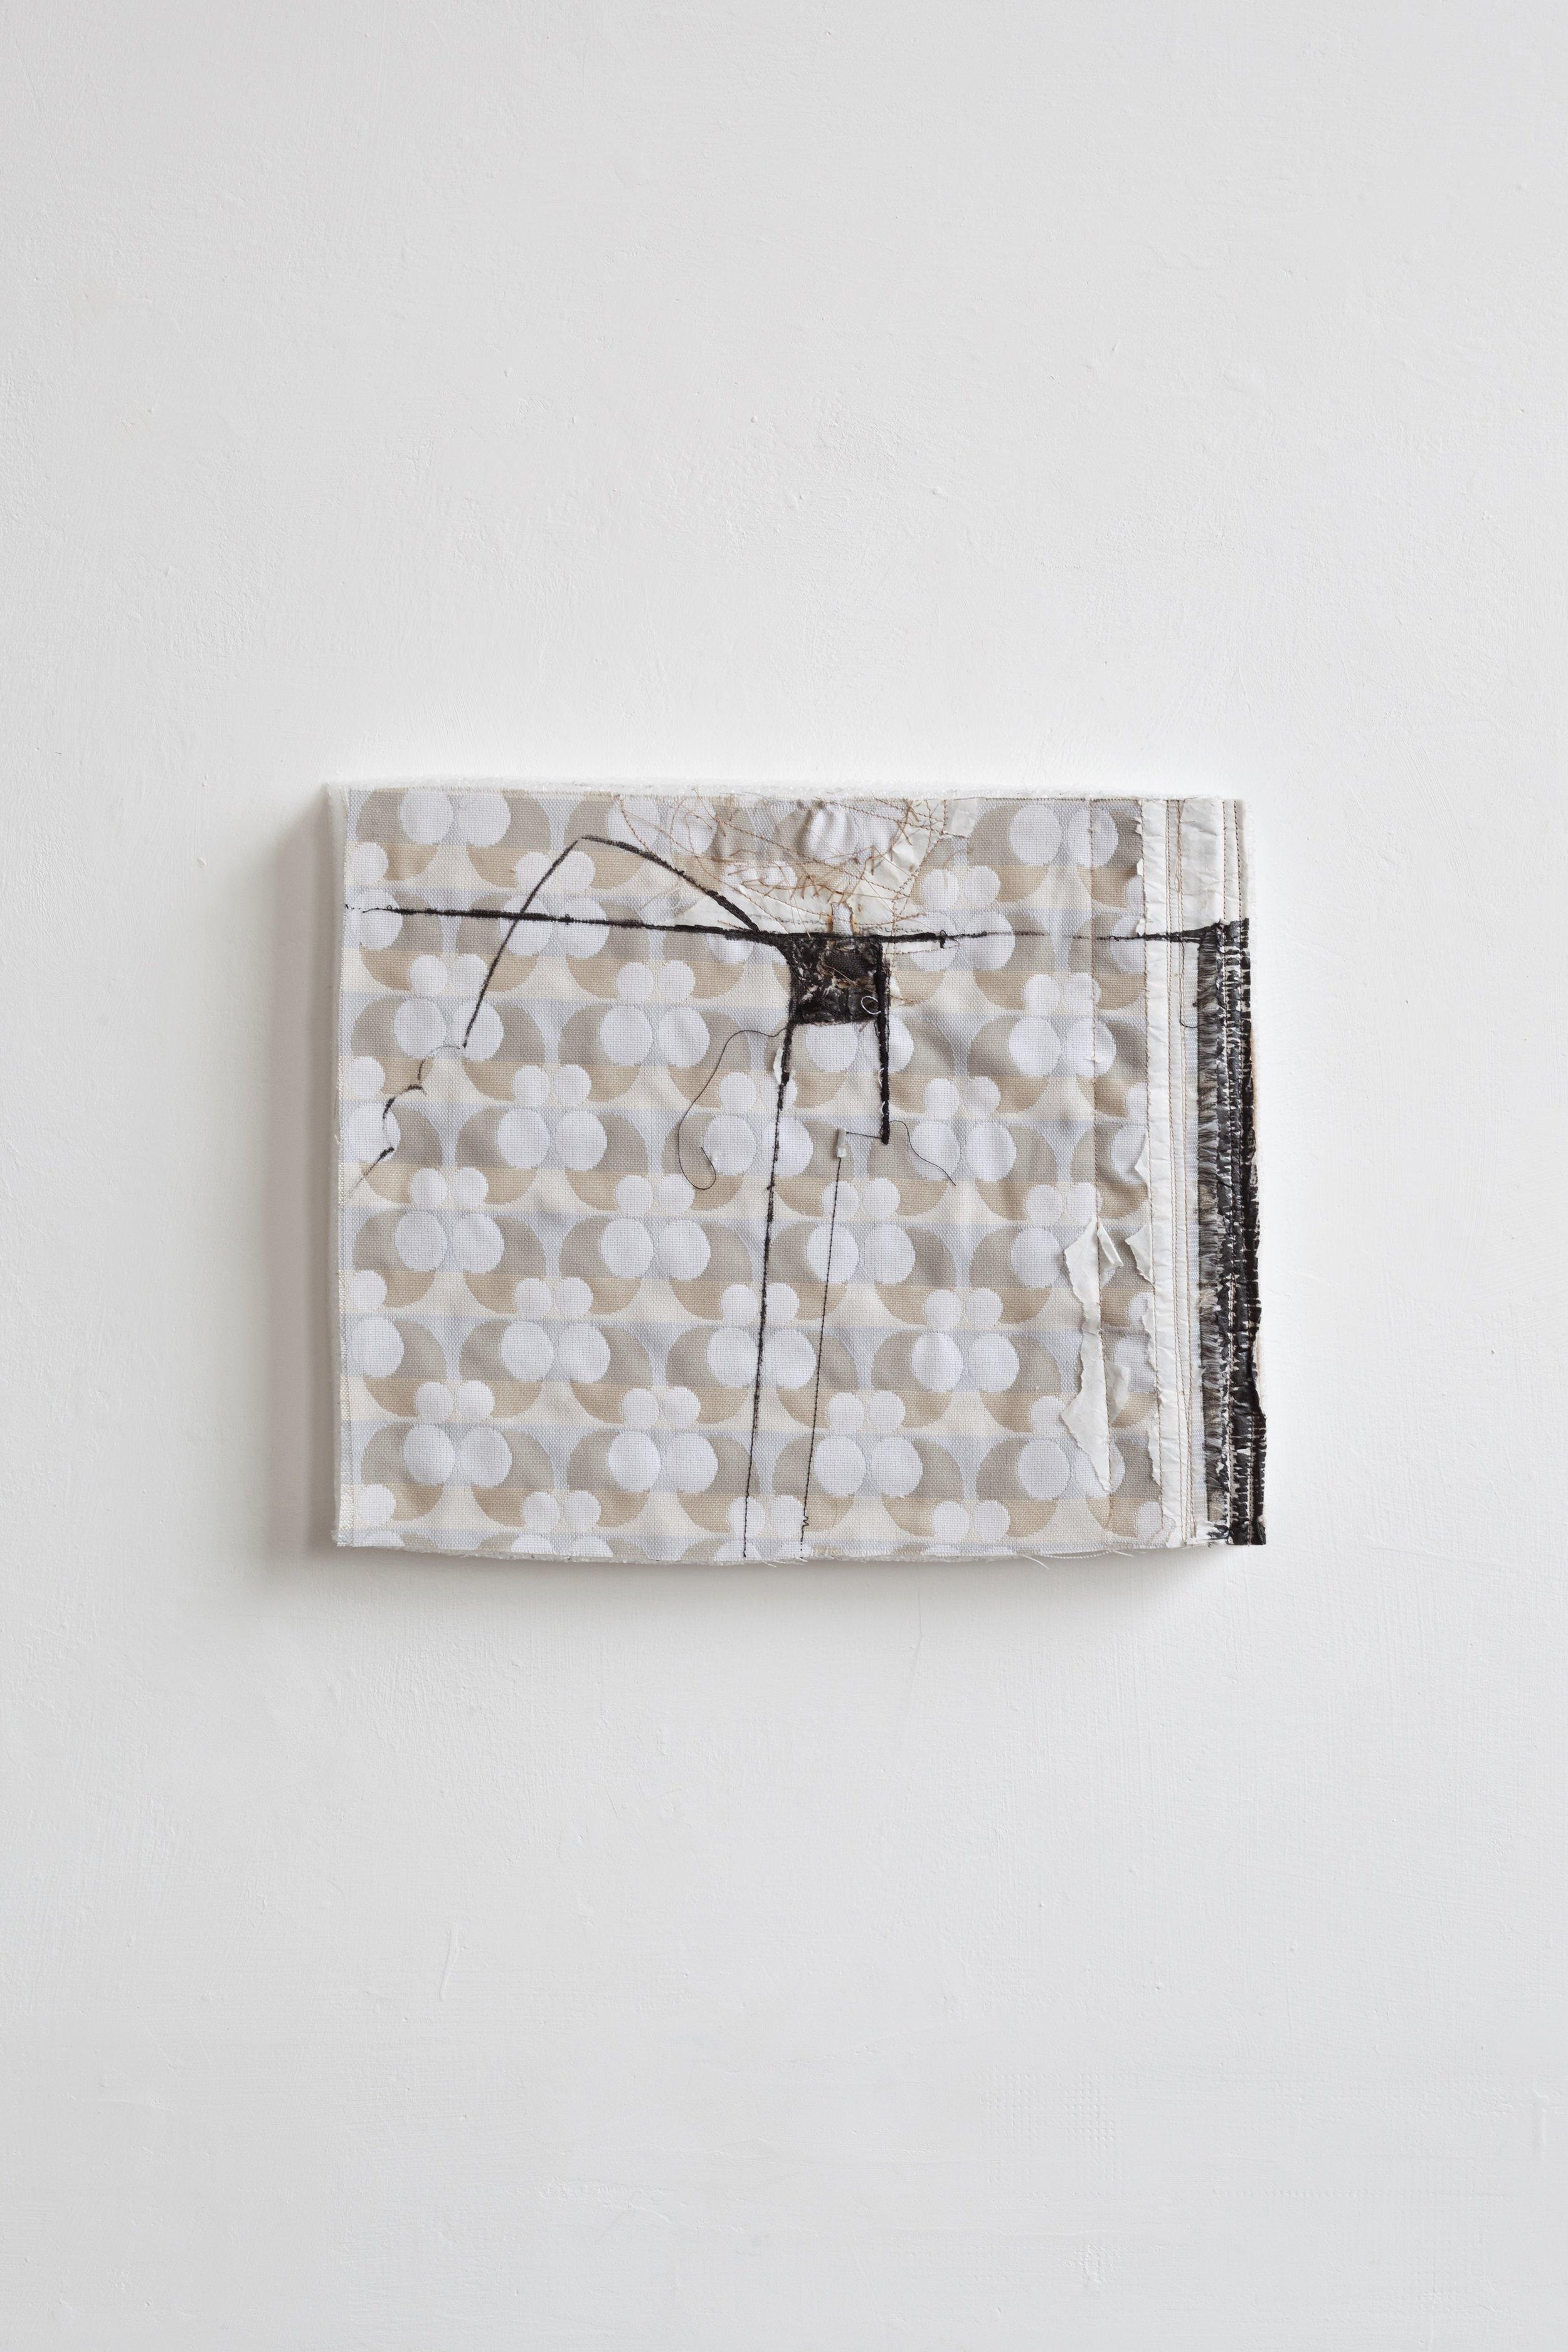 Do, undo, redo - fabric drawing #22 , 2017/19 - tecnica mista su tessuto e gomma spuma - cm 27x33x4